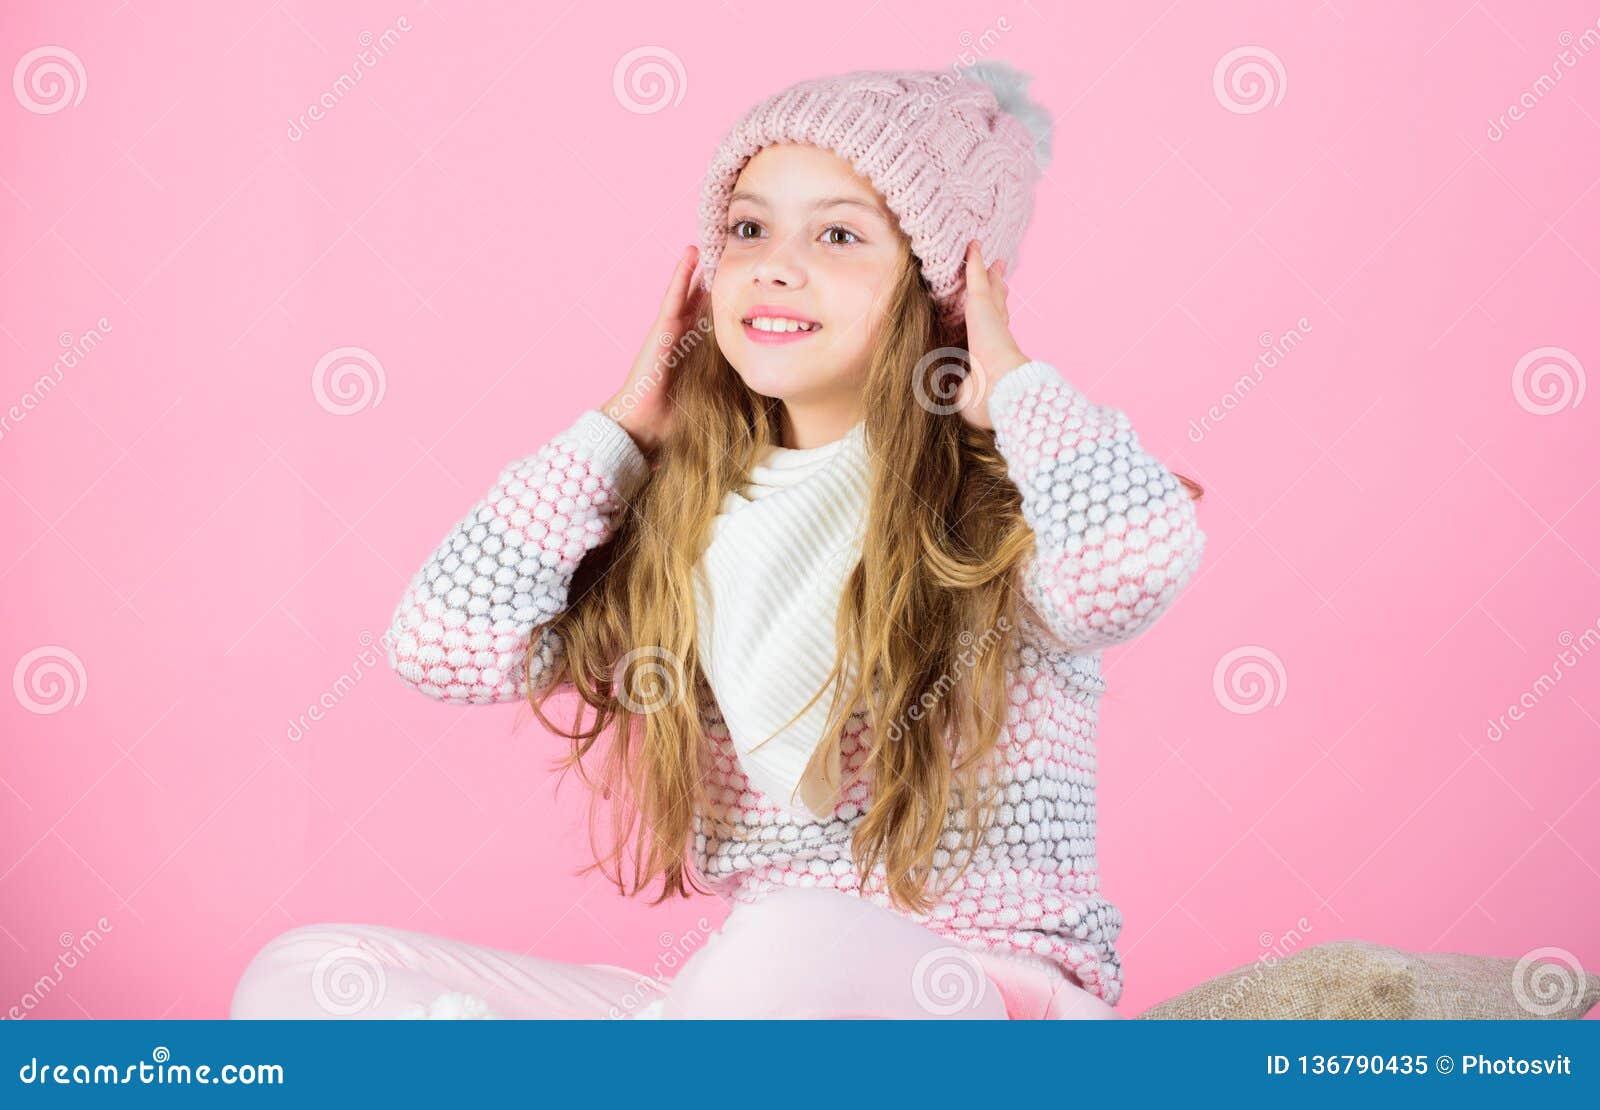 Accessorio tricottato molle Punte per preoccuparsi per gli indumenti tricottati Cappello di lana molle caldo dei capelli lunghi d